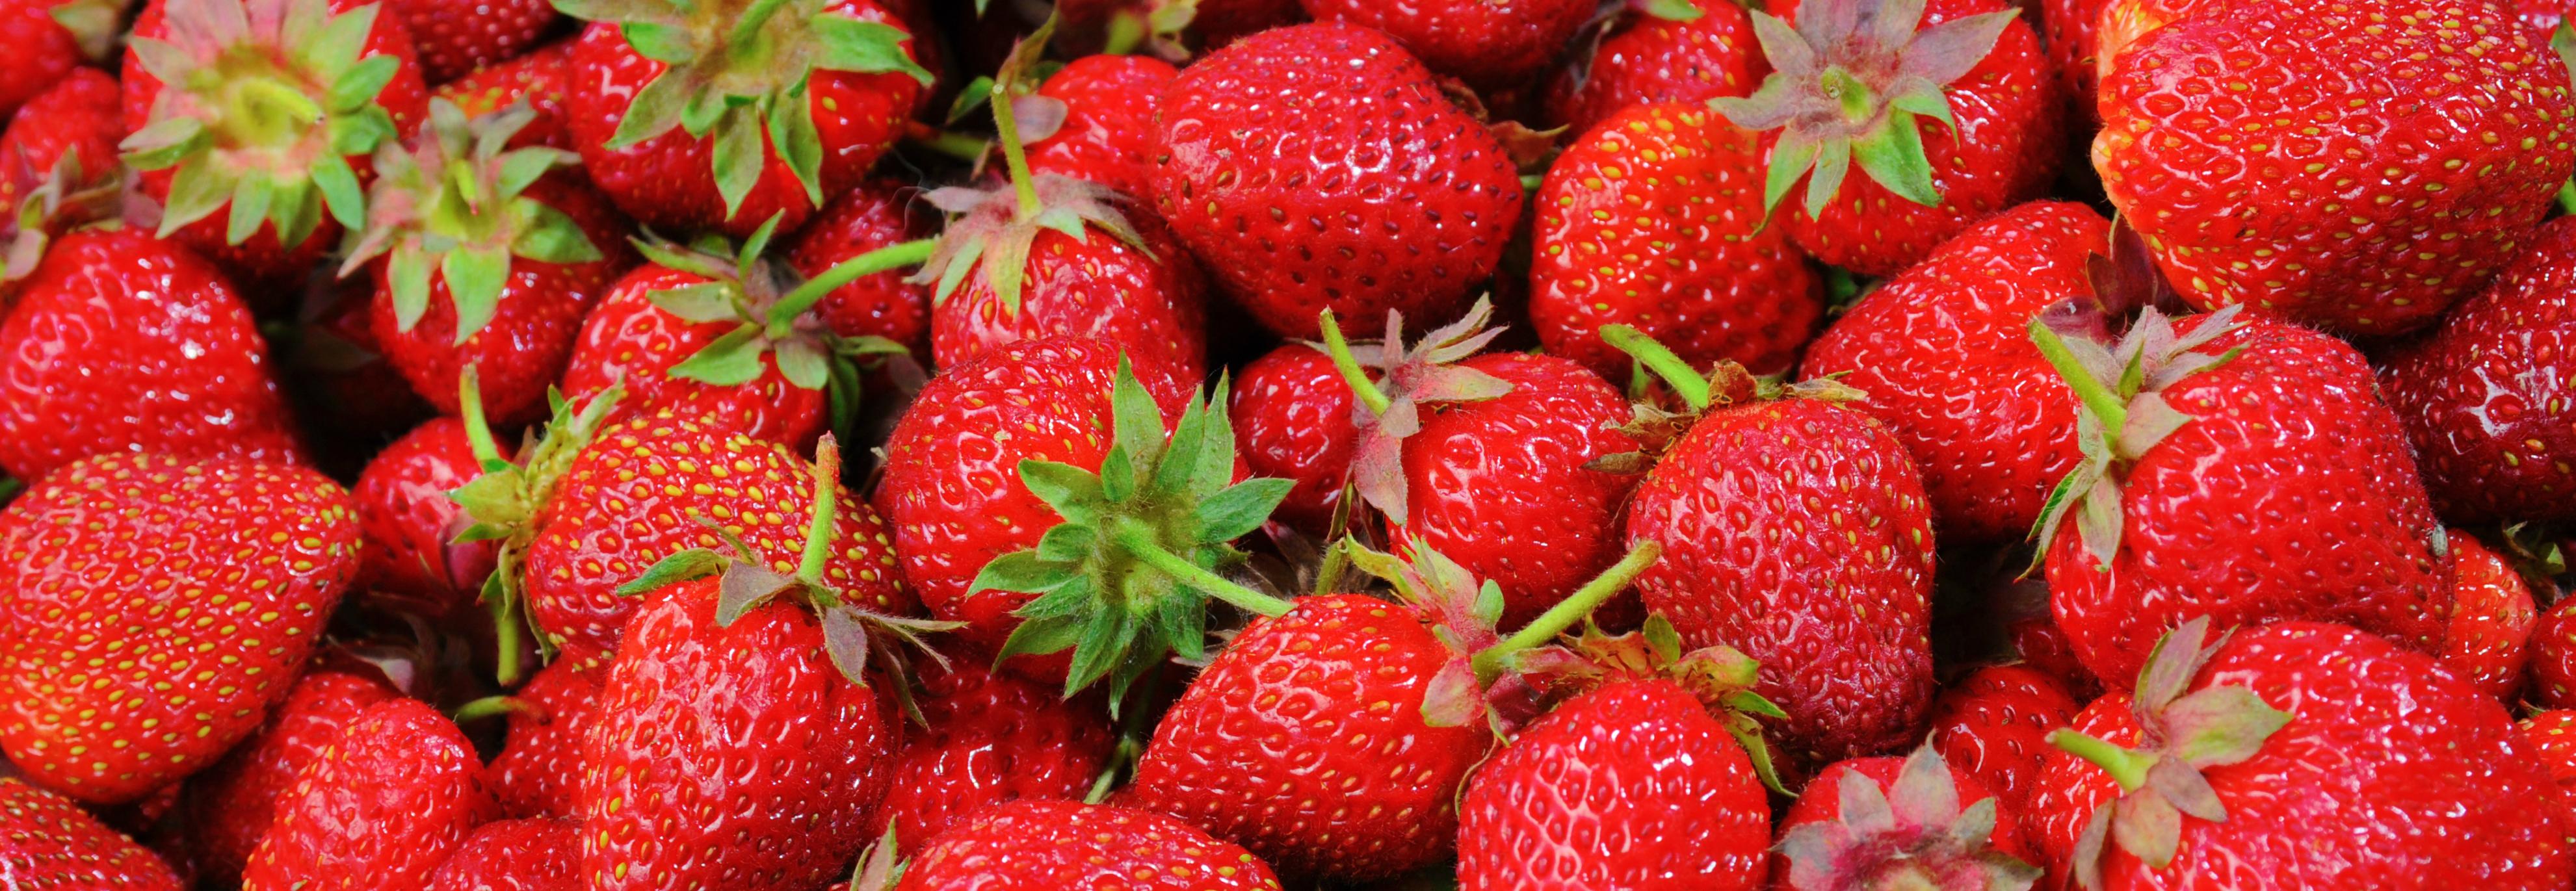 ¿Qué frutas y verduras contienen pesticidas?